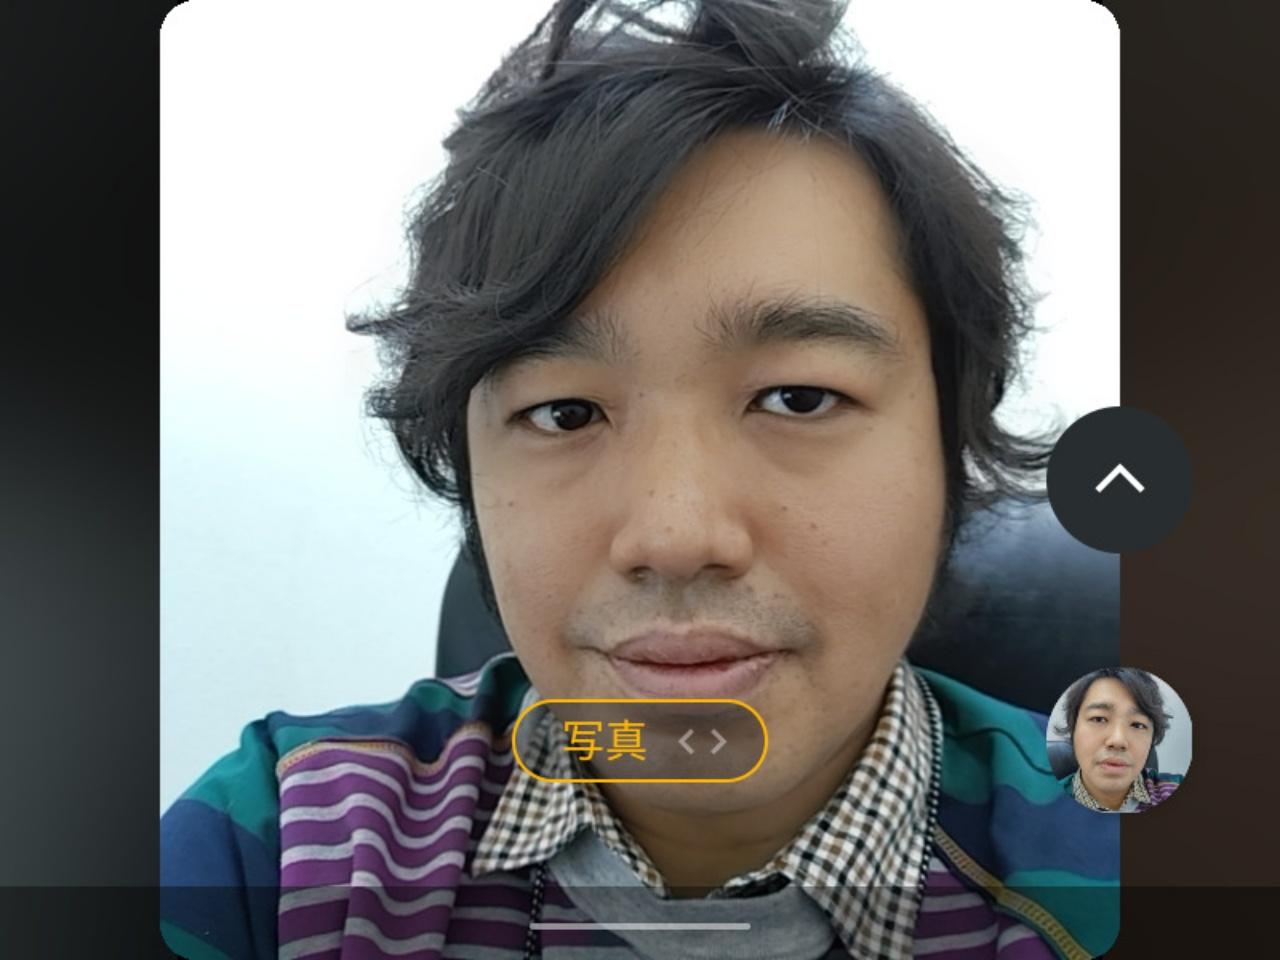 razr 5G Junya Ishino